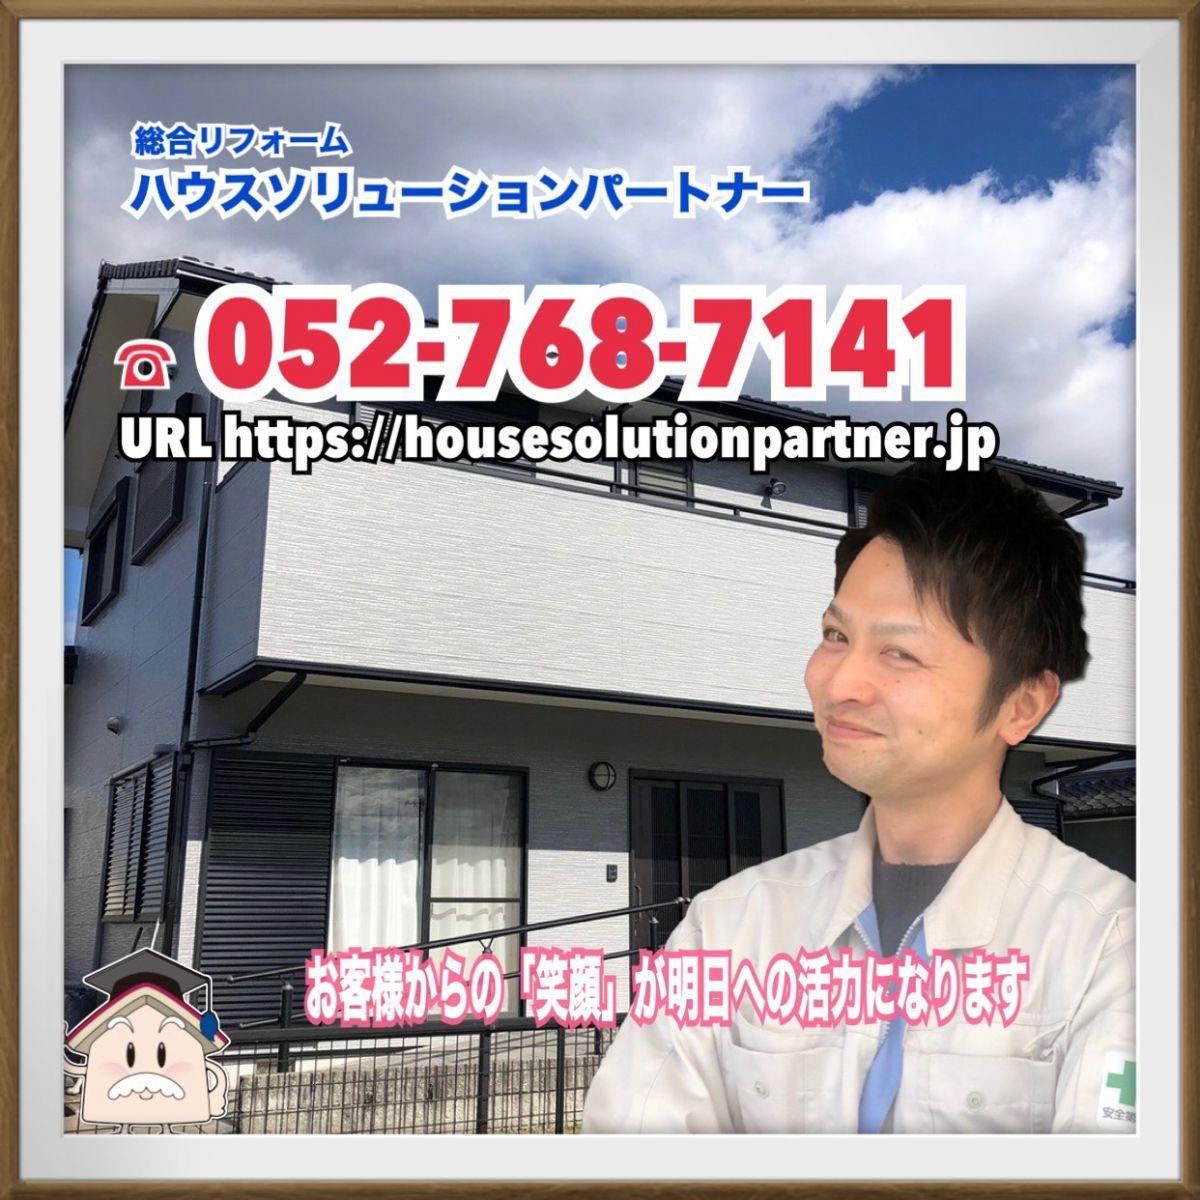 jirei_image53419